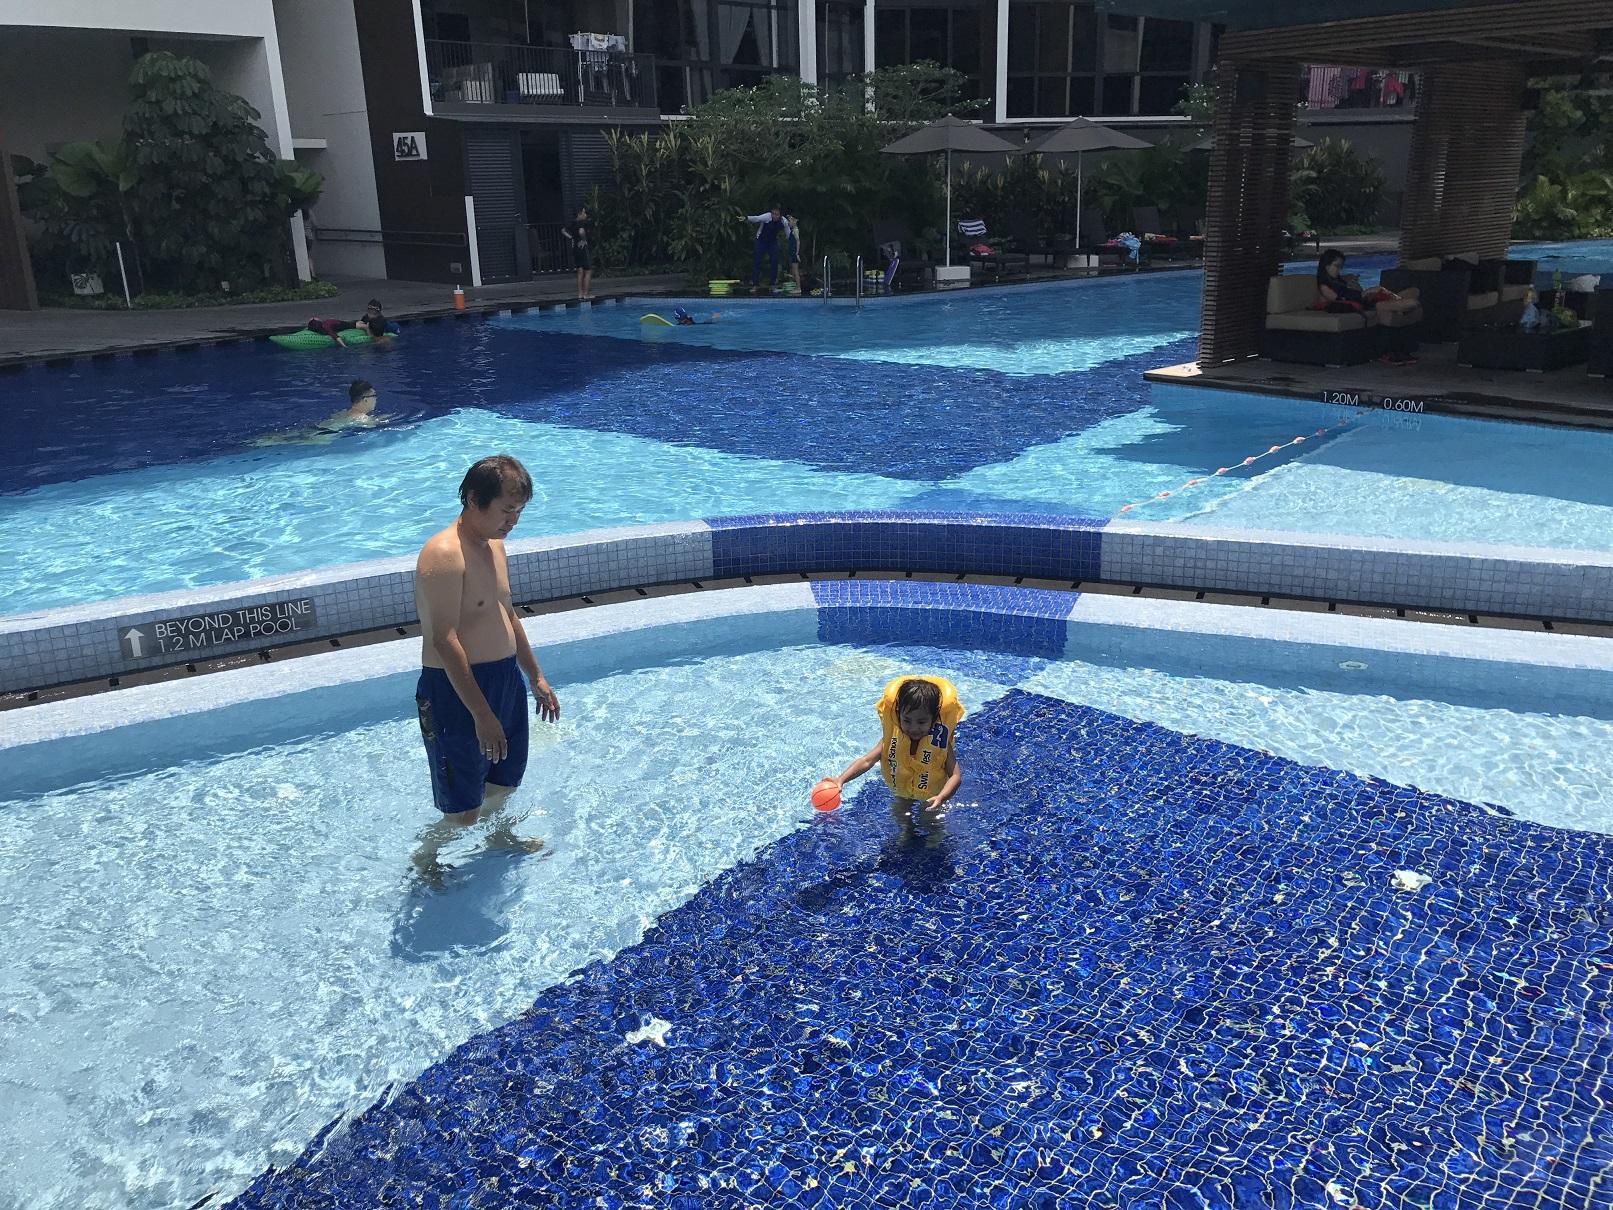 Niece having fun in the pool!